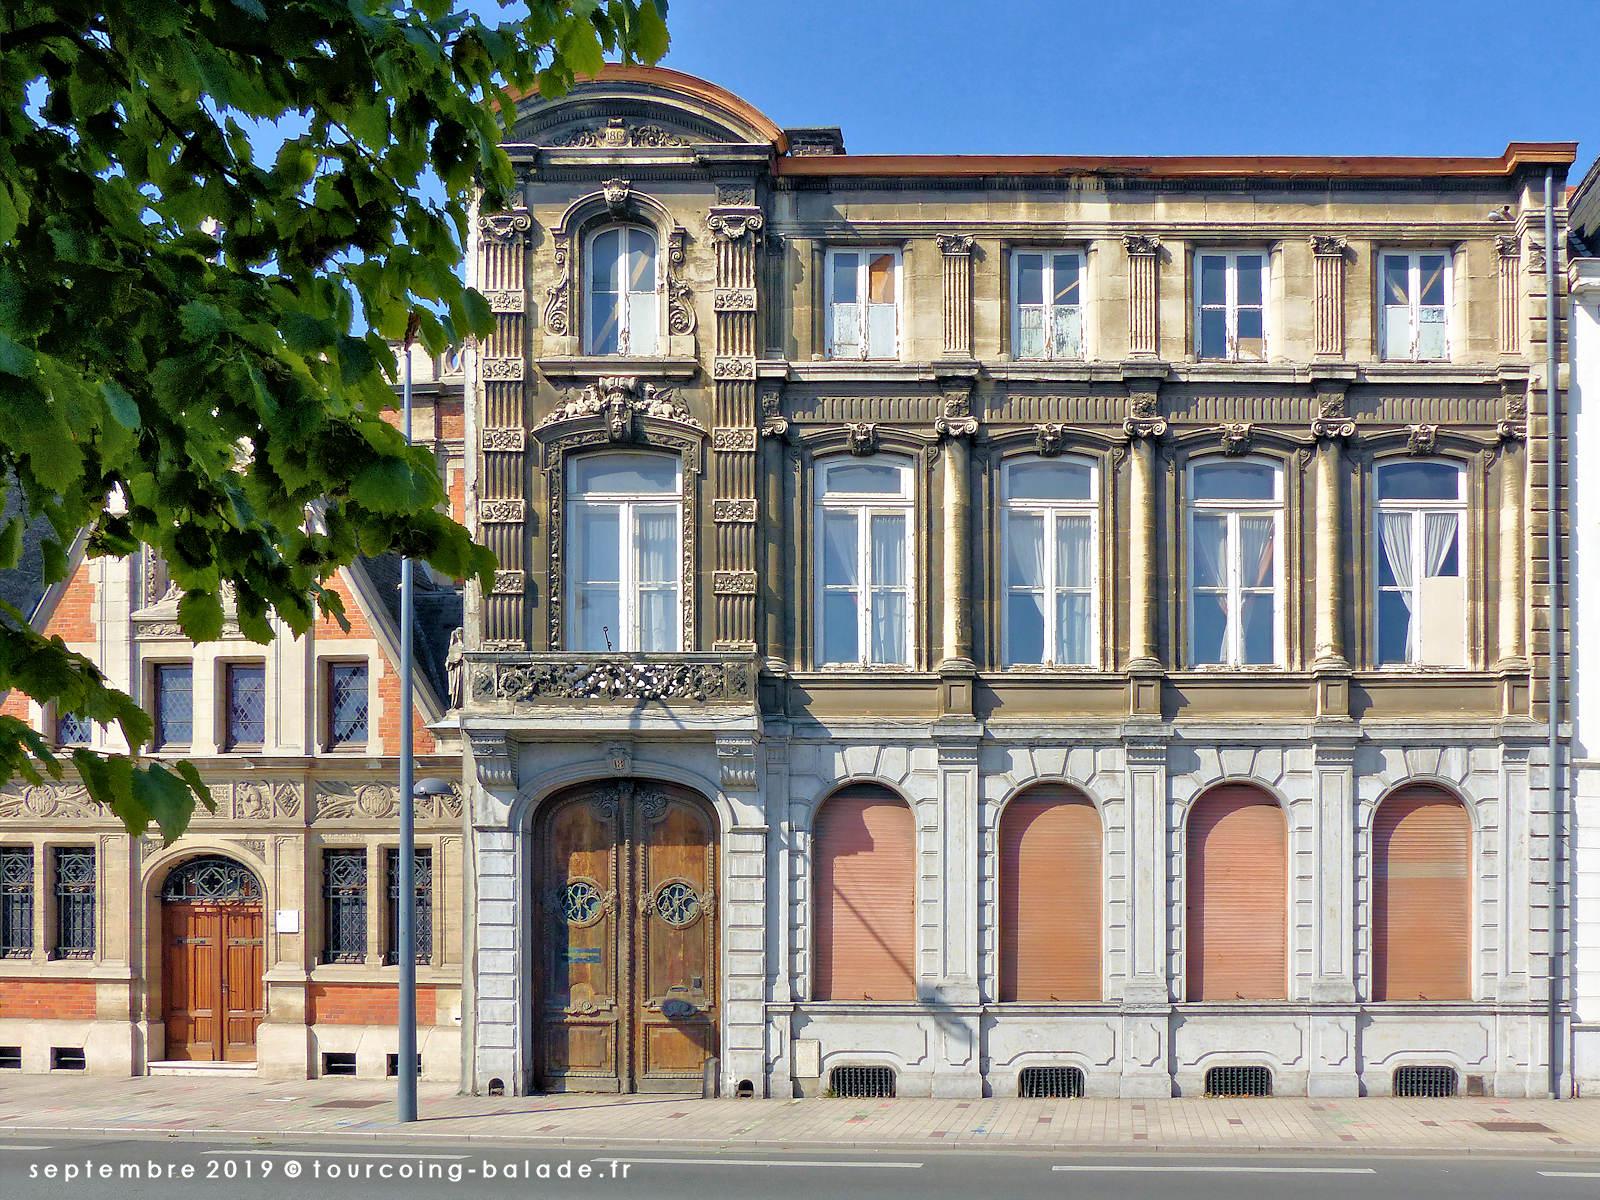 Monastère des Bénédictines du Saint Sacrement, Tourcoing 2019